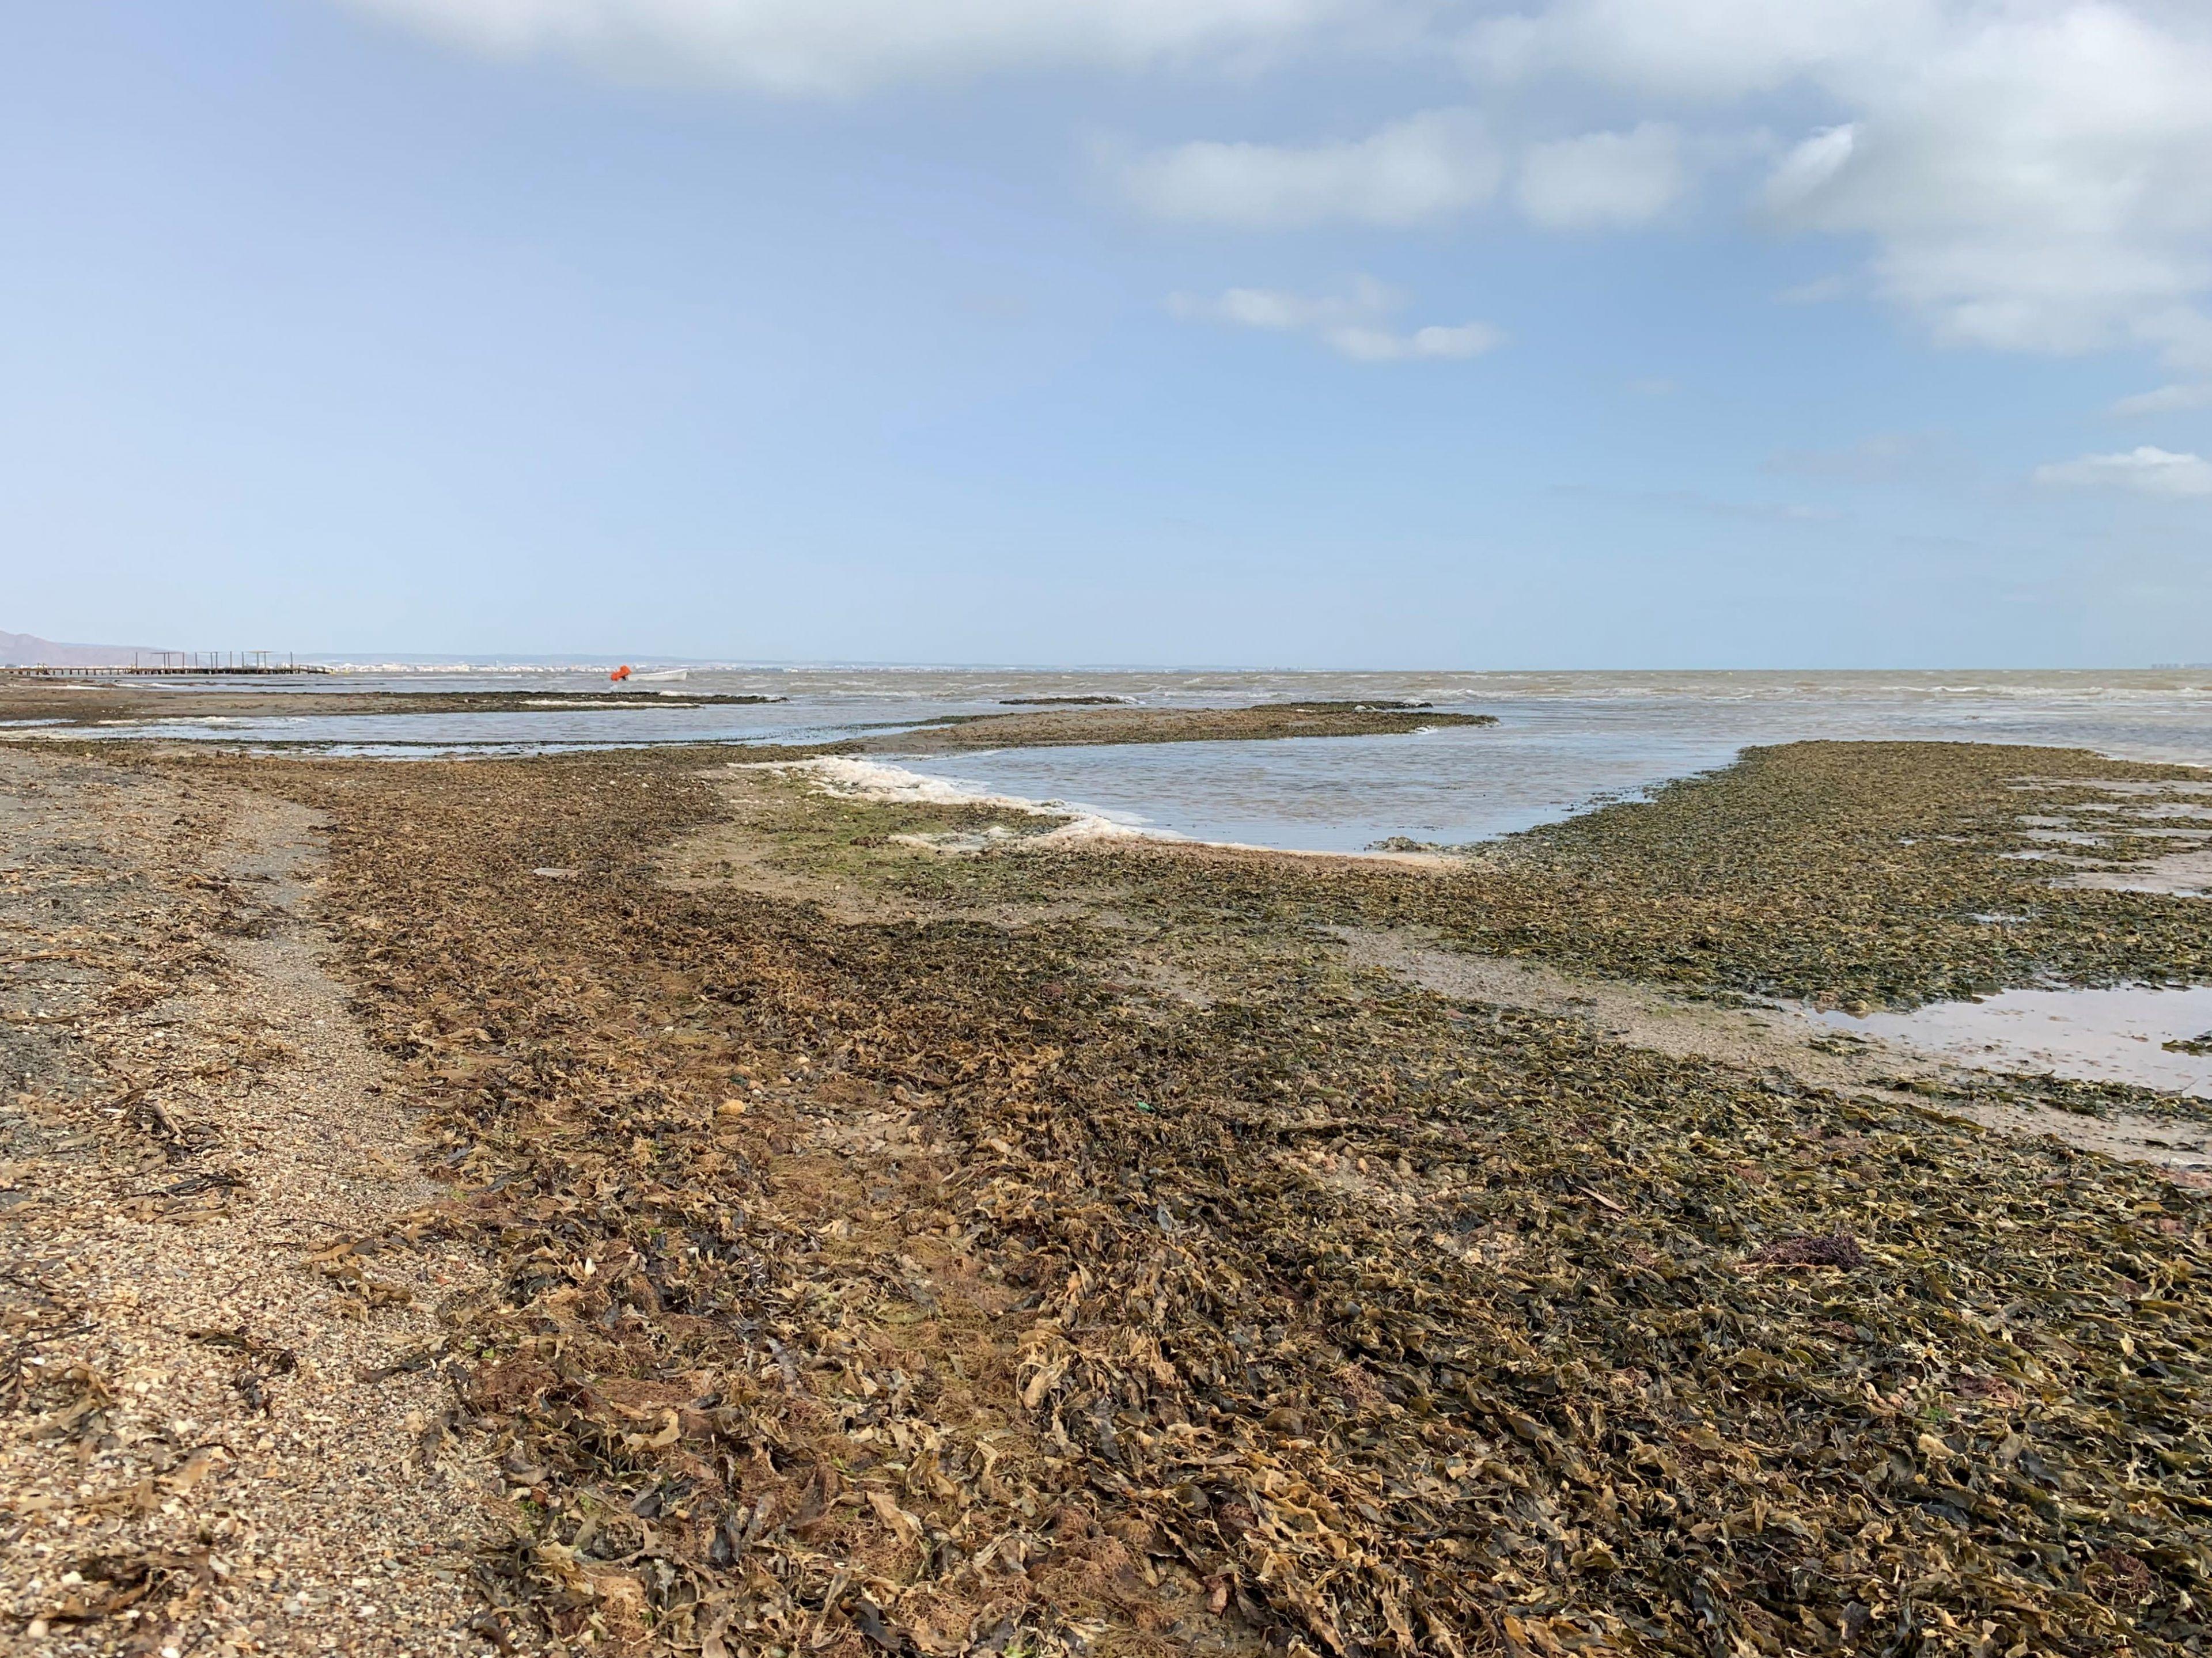 Acumulación de algas muertas en la orilla de la playa de Los Urrutias